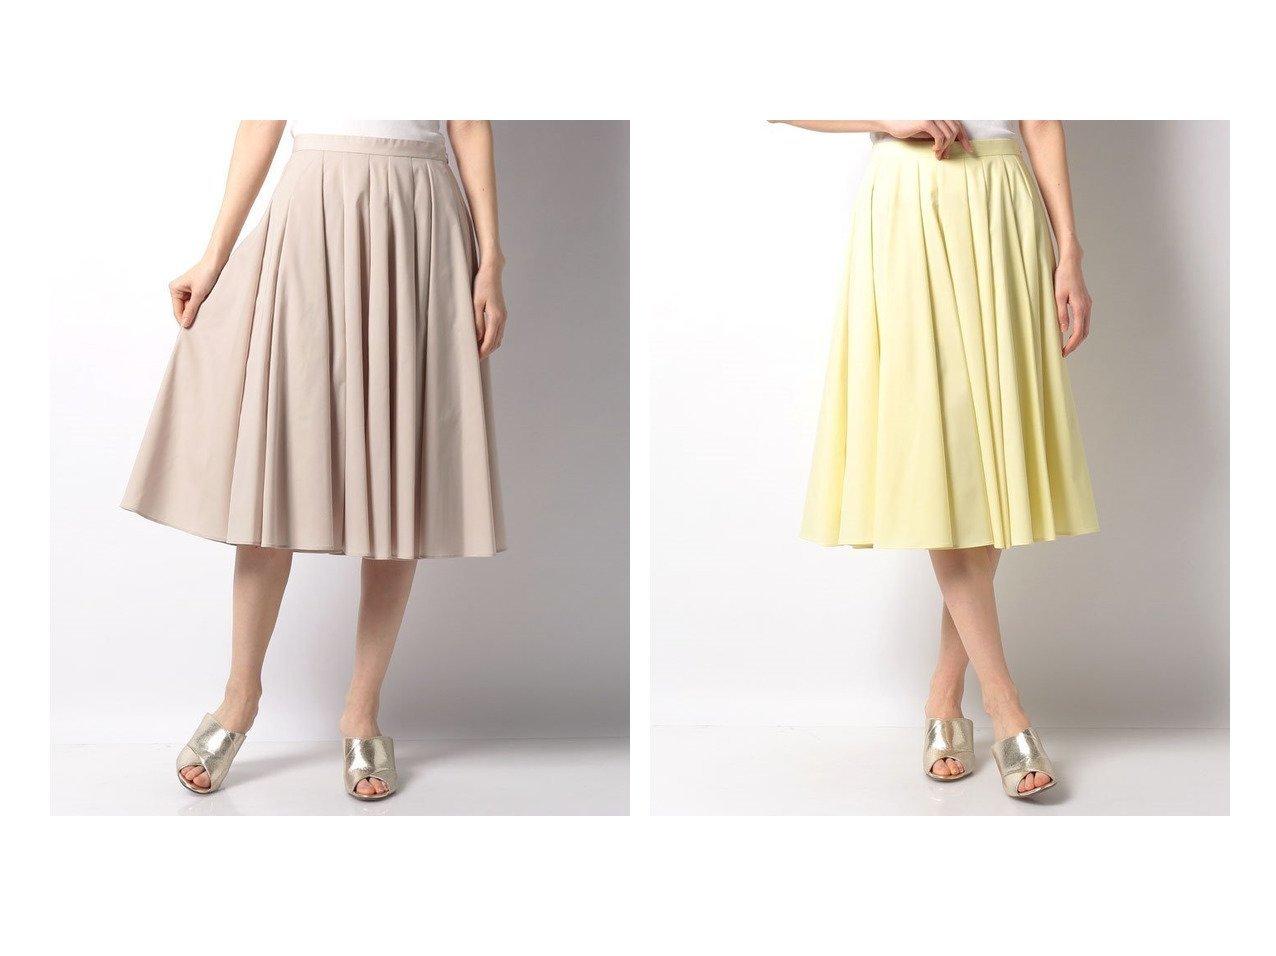 【ANAYI/アナイ】のストレッチツイルフレアスカート 【スカート】おすすめ!人気、トレンド・レディースファッションの通販 おすすめで人気の流行・トレンド、ファッションの通販商品 メンズファッション・キッズファッション・インテリア・家具・レディースファッション・服の通販 founy(ファニー) https://founy.com/ ファッション Fashion レディースファッション WOMEN スカート Skirt Aライン/フレアスカート Flared A-Line Skirts NEW・新作・新着・新入荷 New Arrivals S/S・春夏 SS・Spring/Summer おすすめ Recommend ギャザー フレア プレーン 春 Spring |ID:crp329100000028446